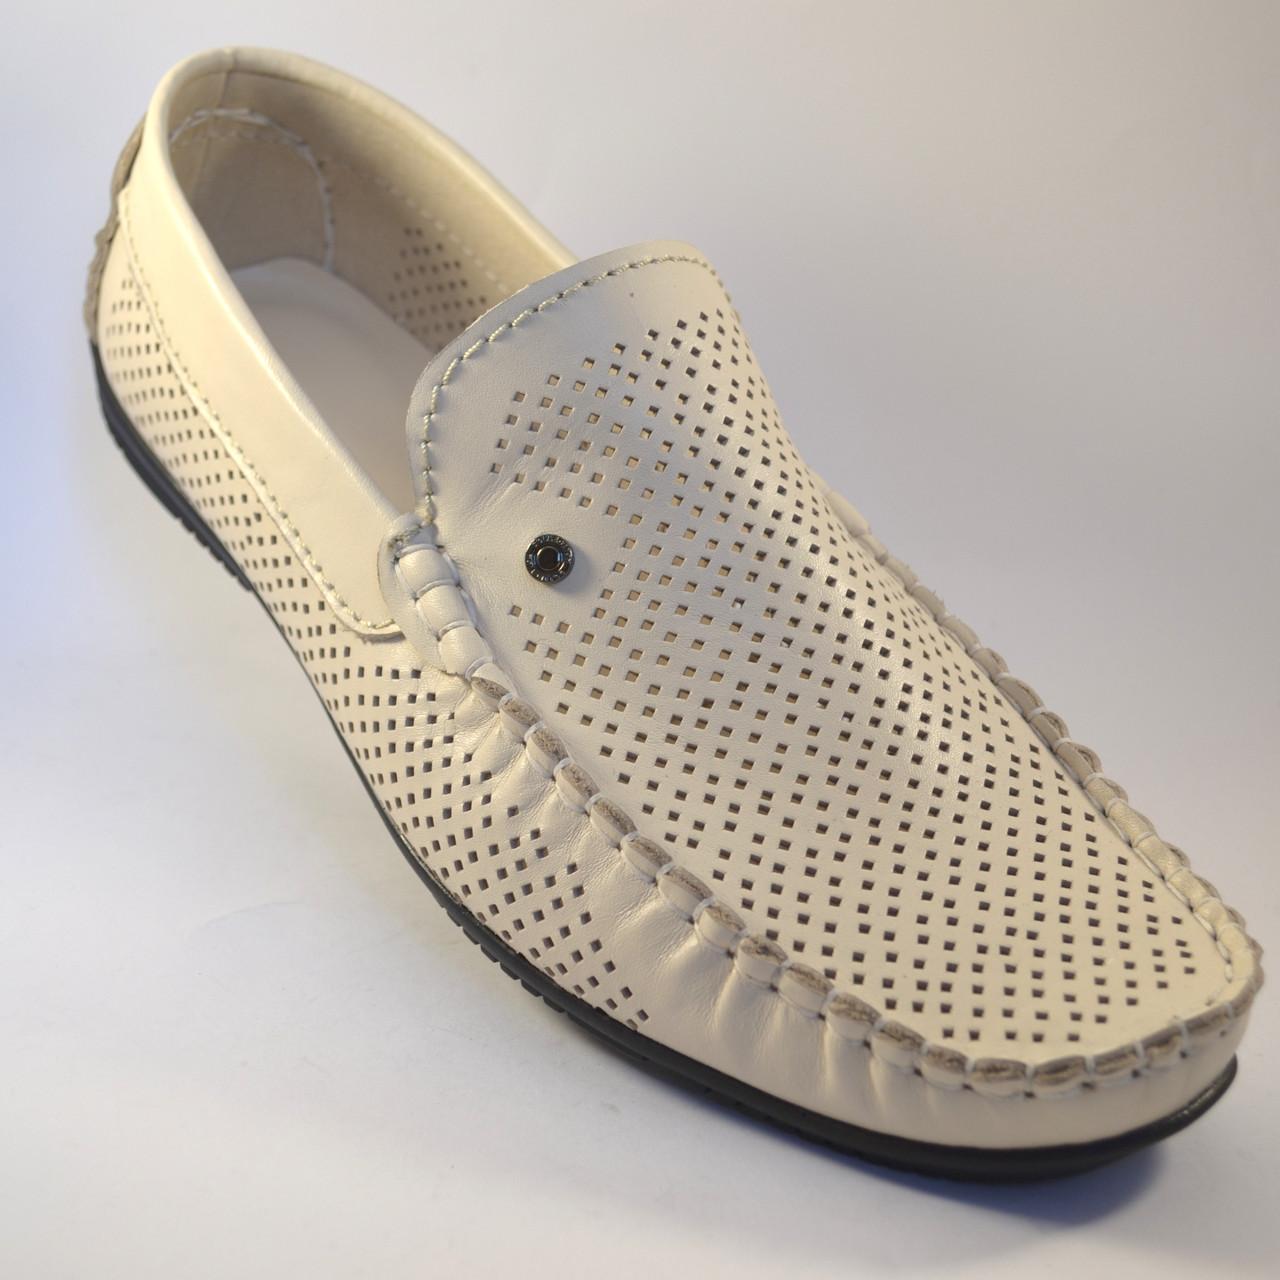 Мокасины бежевые мужские перфорированные кожаные летняя обувь Rosso Avangard M4 Beige Perf